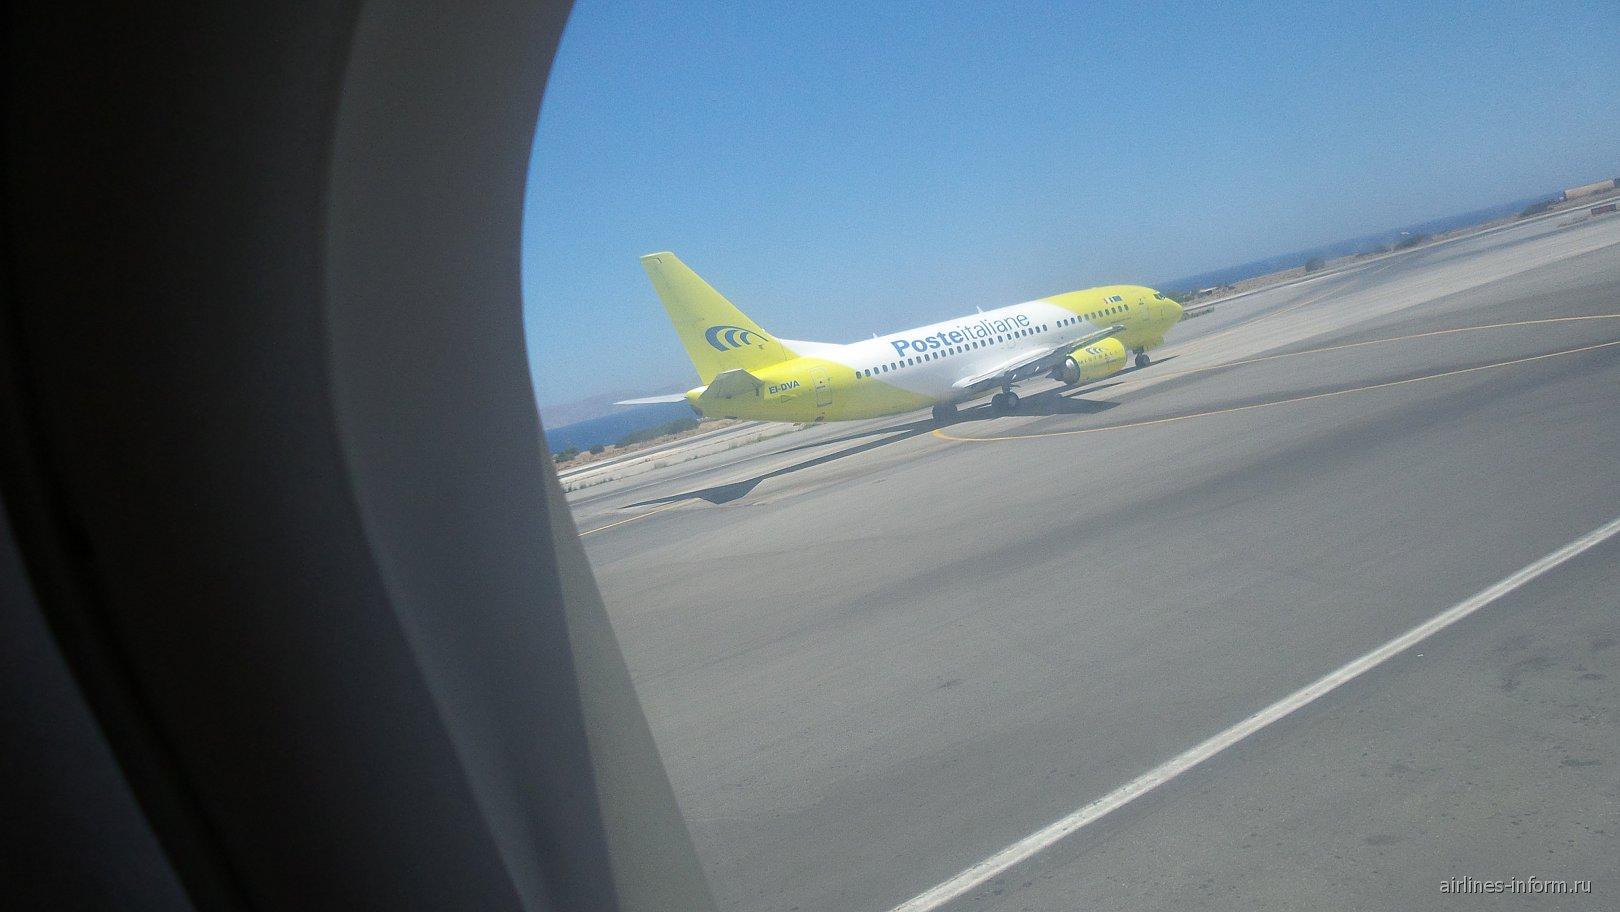 Боинг 737-500 PosteItaliana.